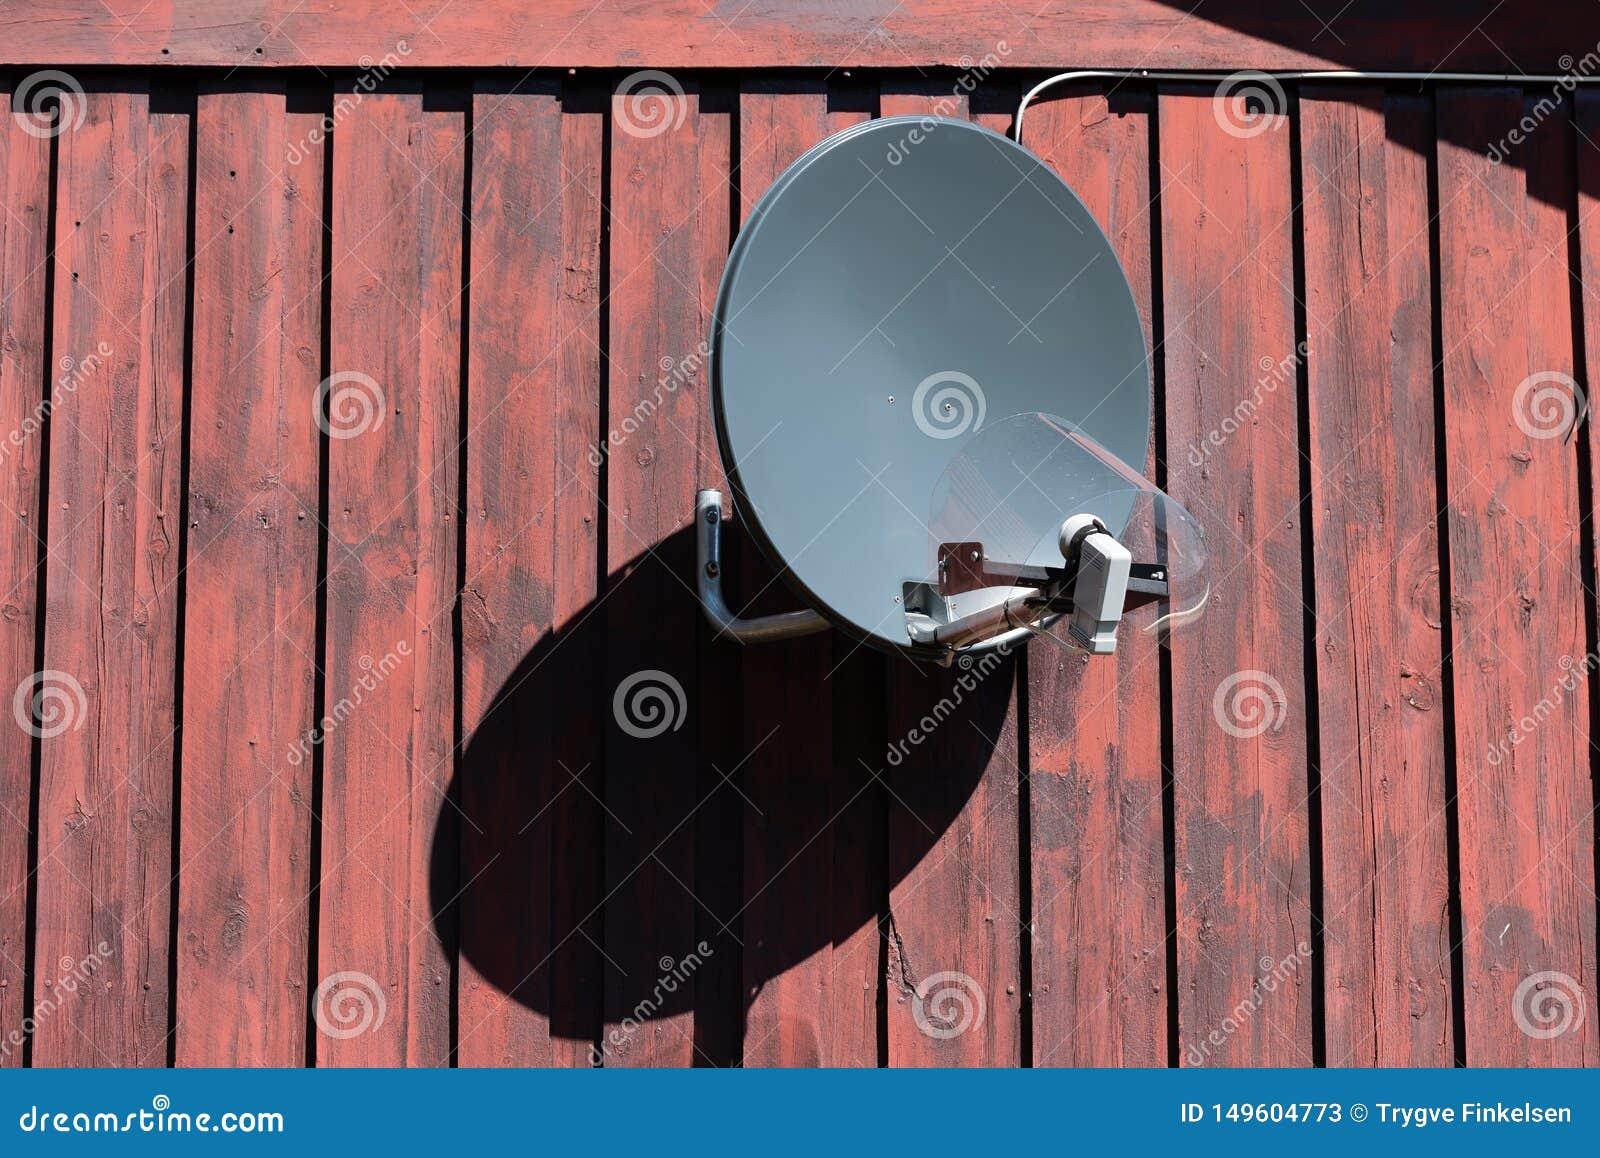 Antenna parabolica su una vecchia parete di legno